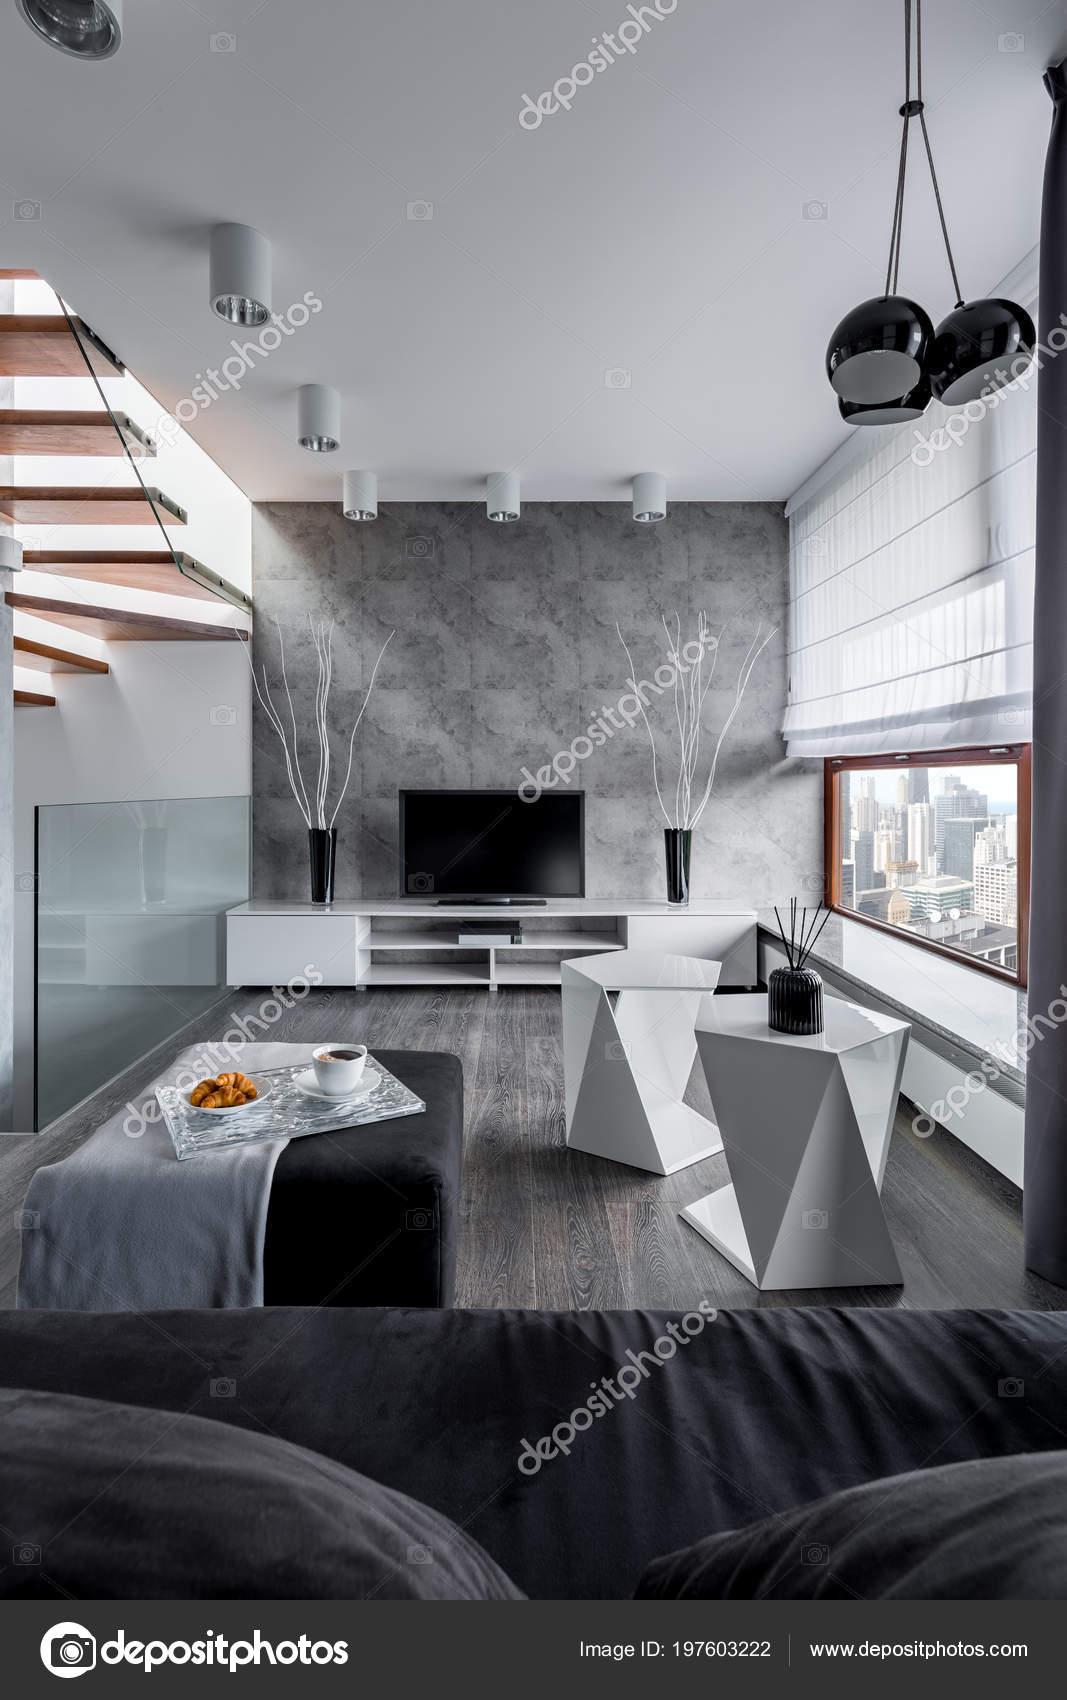 Wohnzimmer Mit Betonmauer Und Moderne Pendelleuchte — Stockfoto ...